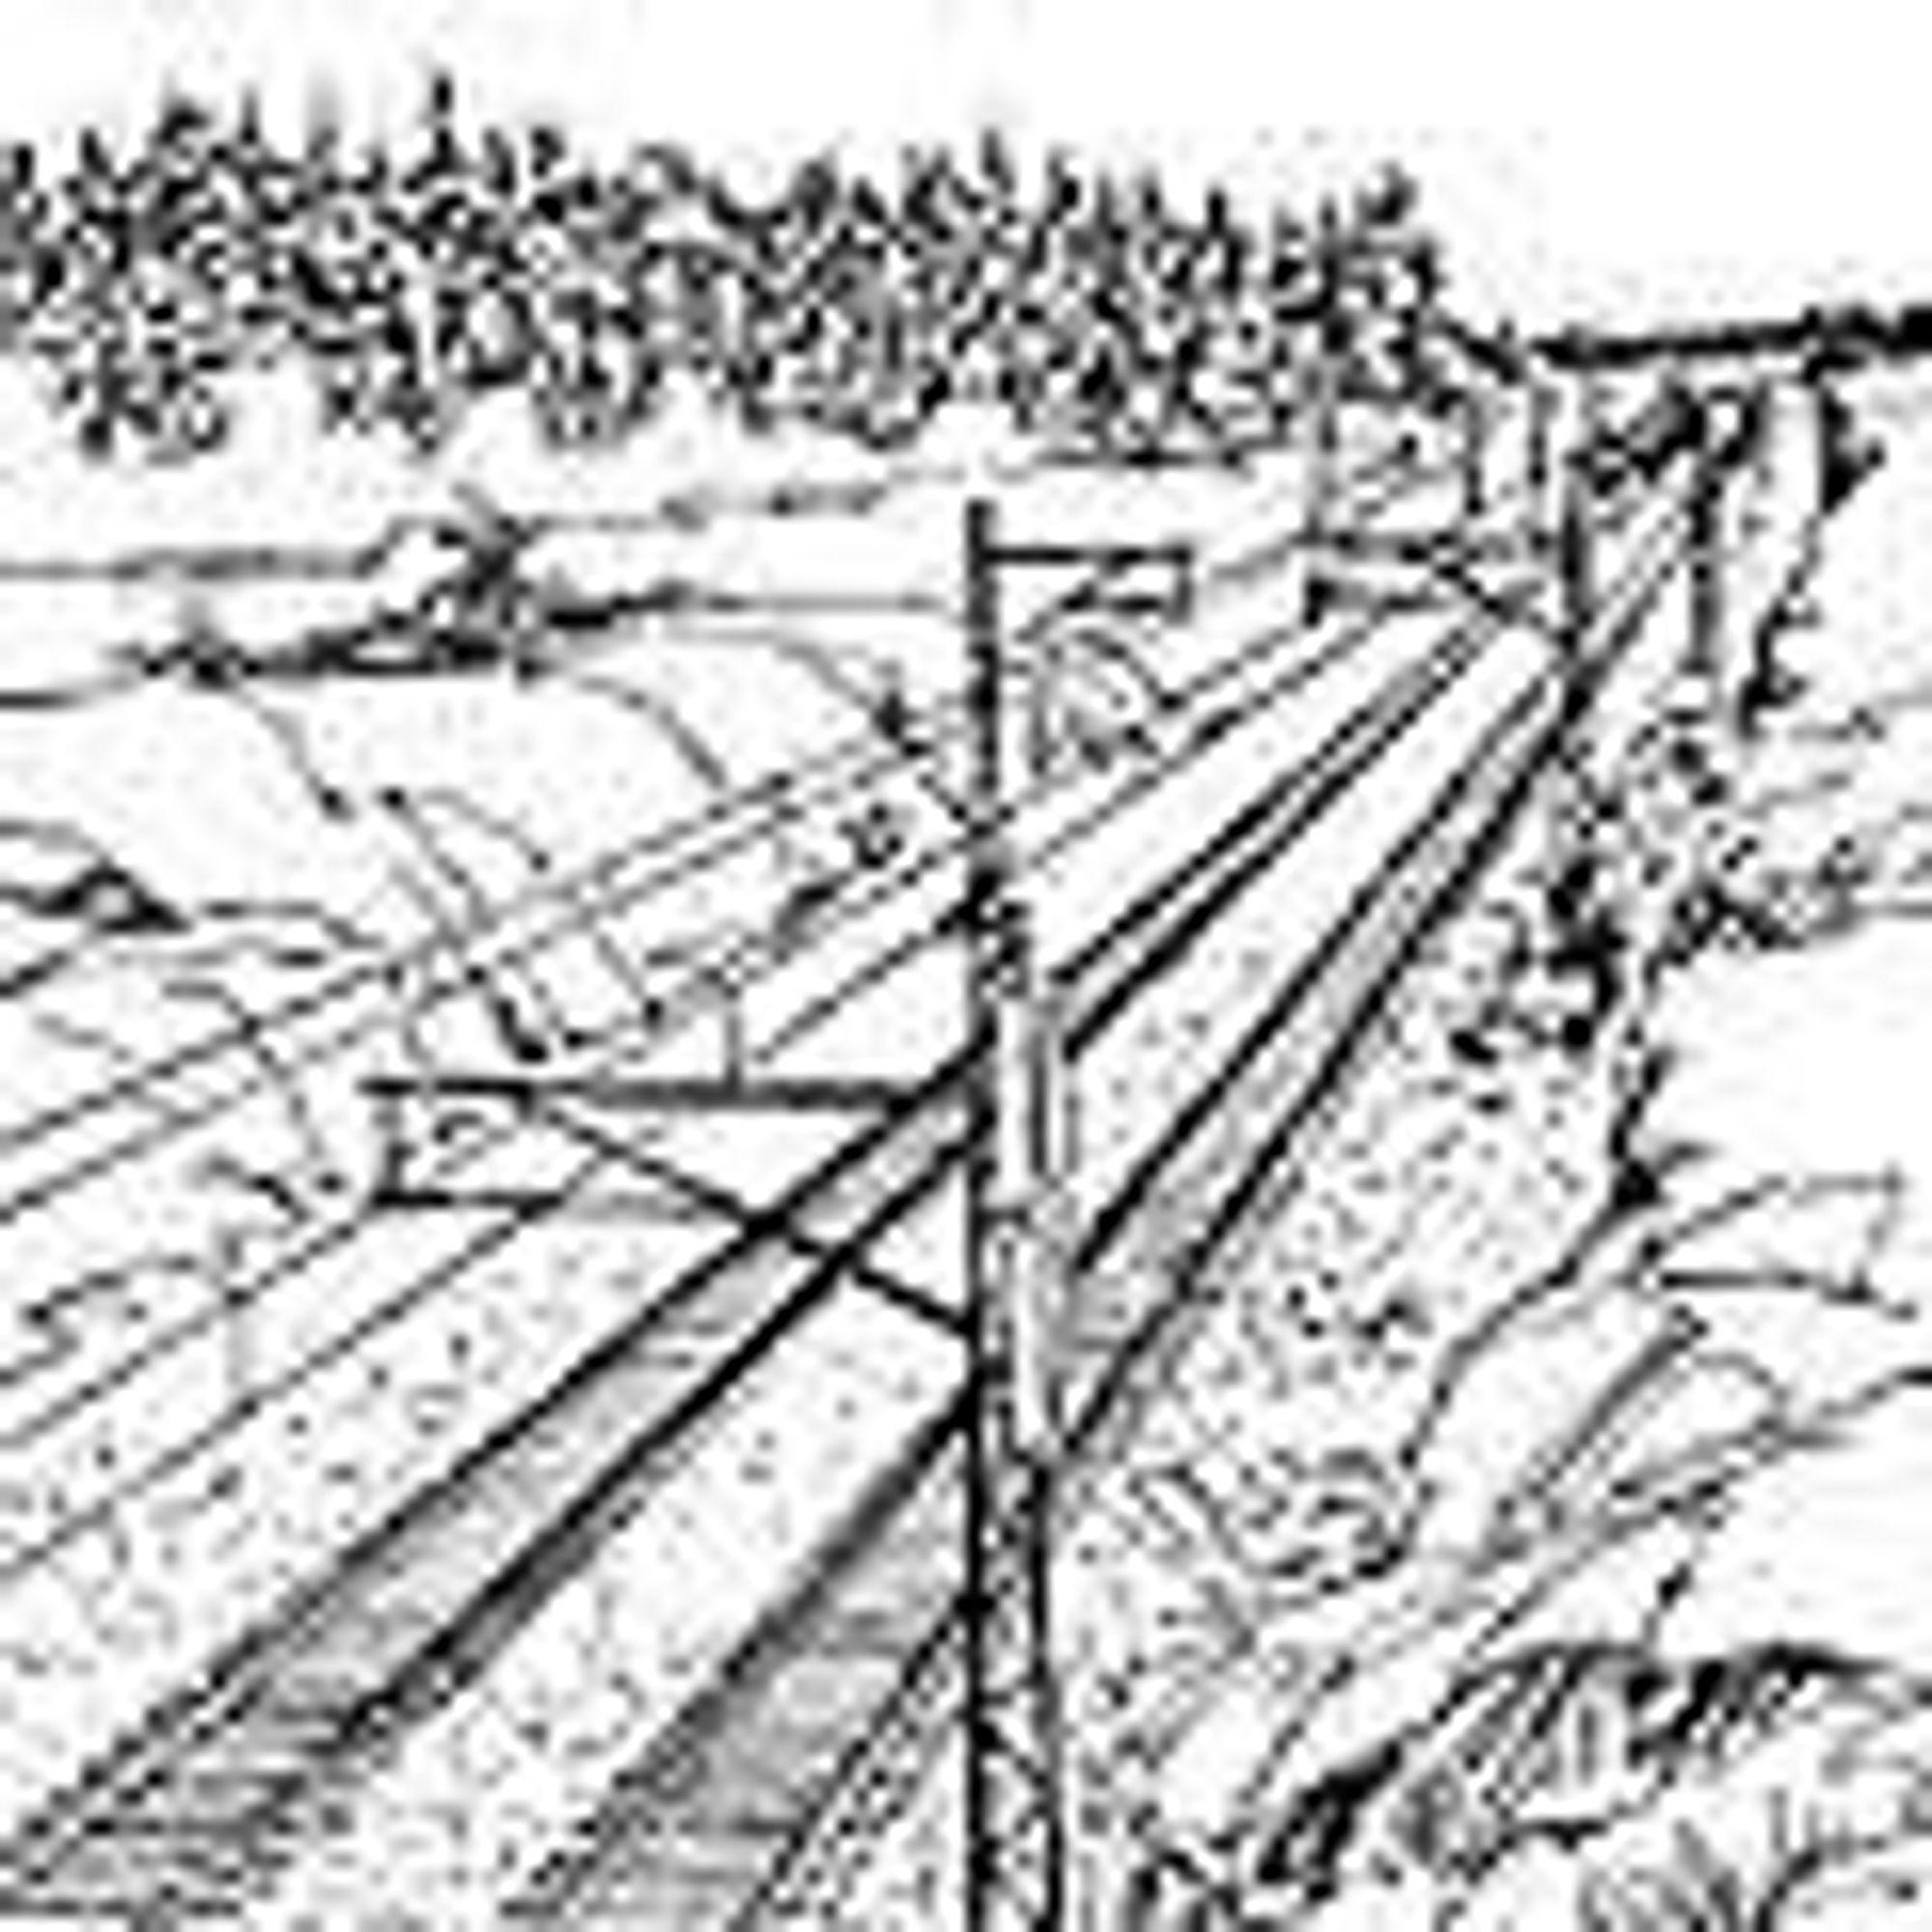 Myndighetene innser at unødvendig byråkrati ikke nødvendigvis bedrer kvaliteten på jernbaneanlegg. Temaveiledning om jernbaneanlegg og byggesak skal hjelpe de ansvarlige. ill: SBE